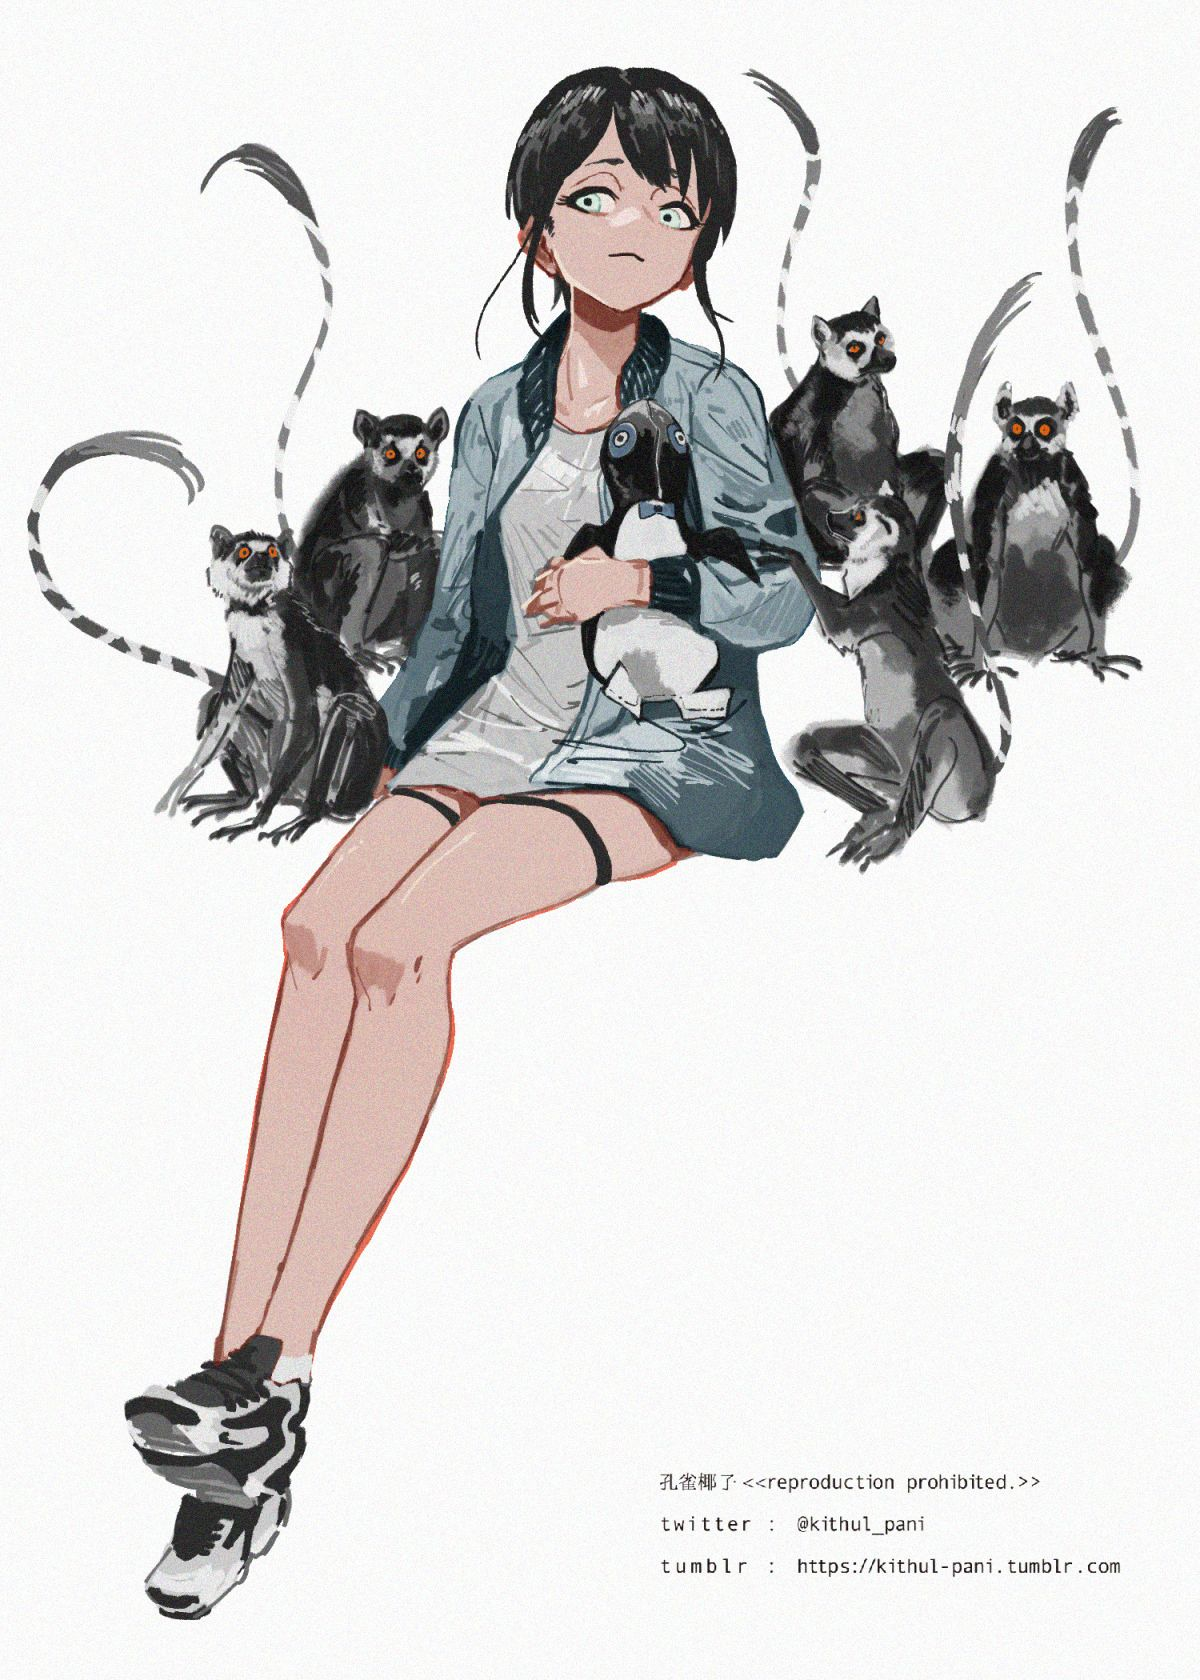 kithul pani ちまちま描いてたイラストを仕上げました抱いてるぬいぐるみのモデルはナウガレザーのピーターペンギンなかなかのレアもので未だに現物は見たことない anime fantasy art